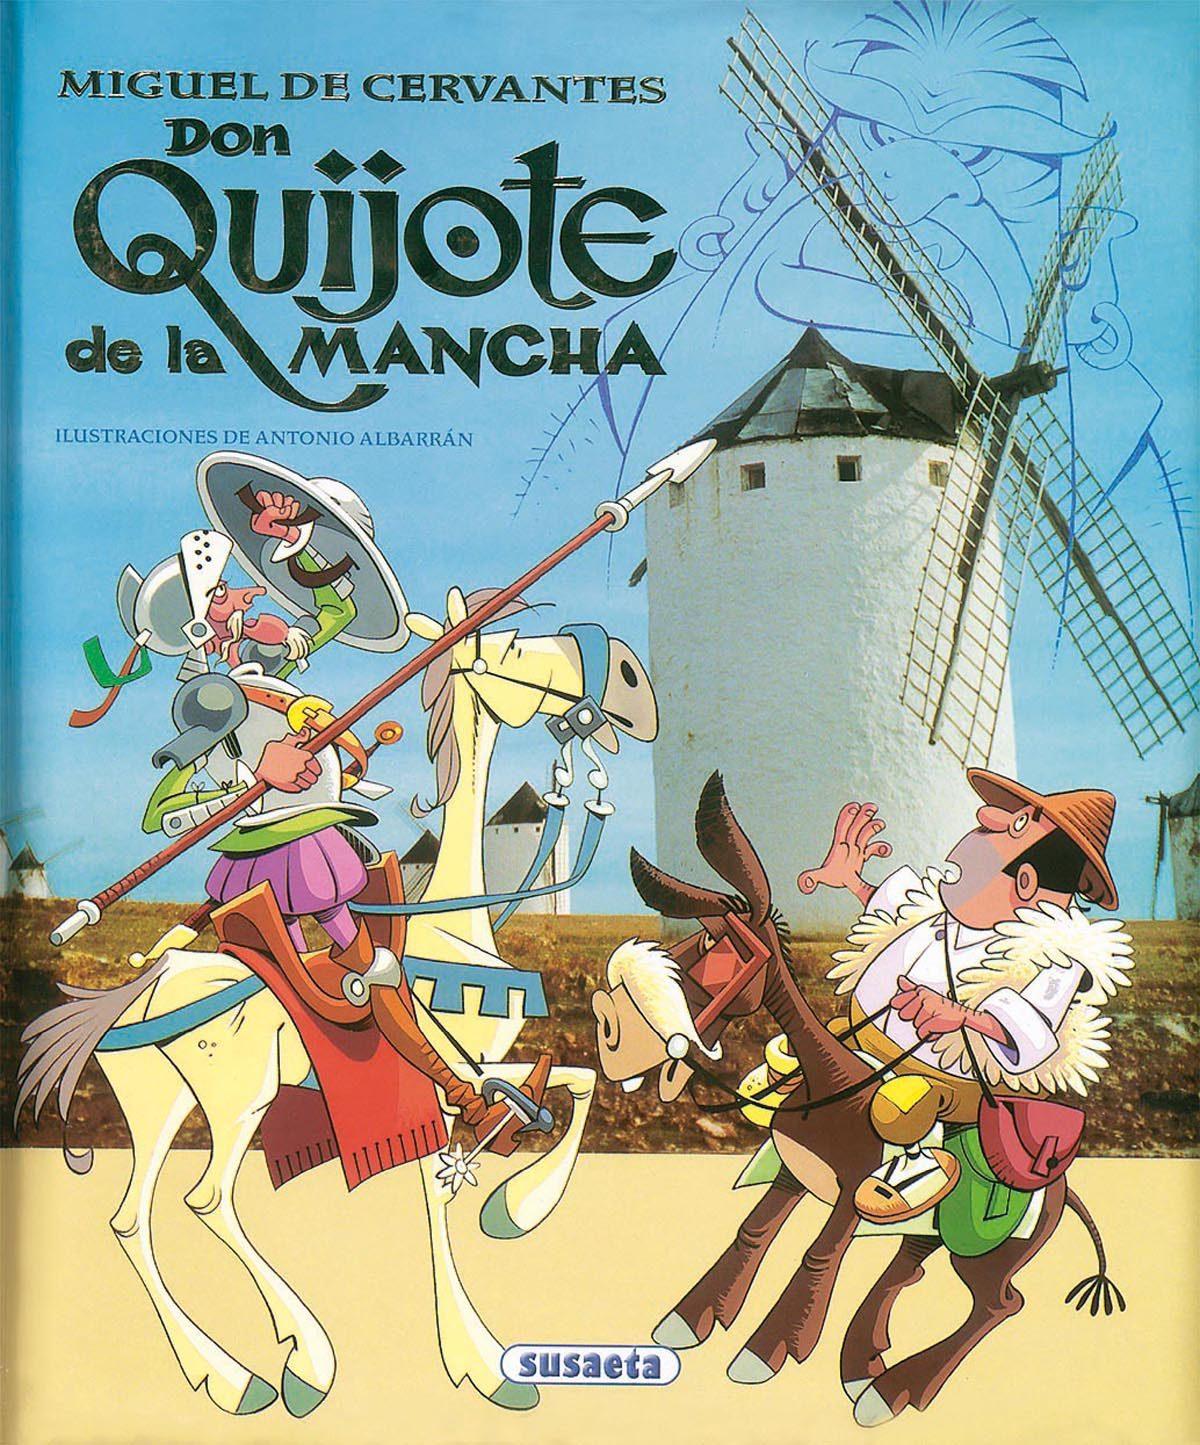 don-quijote-de-la-mancha-cervantes